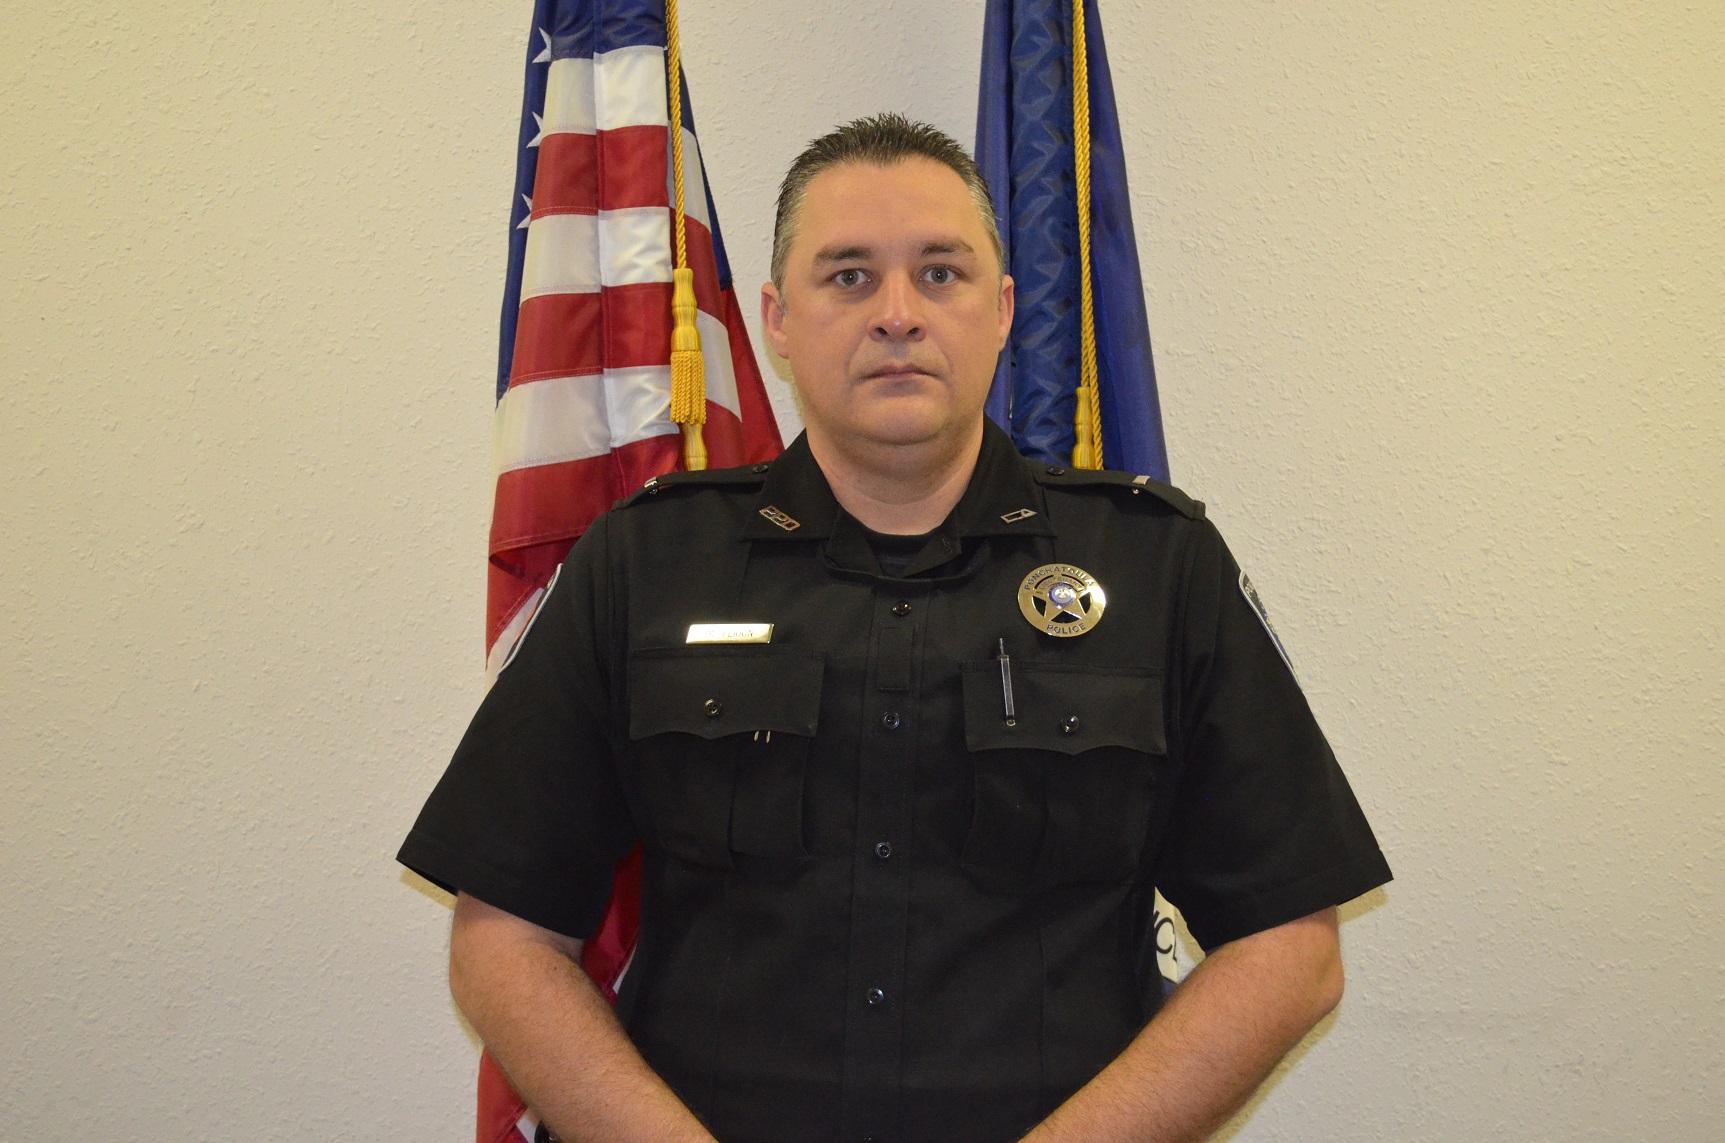 Lt. Mark Perrin